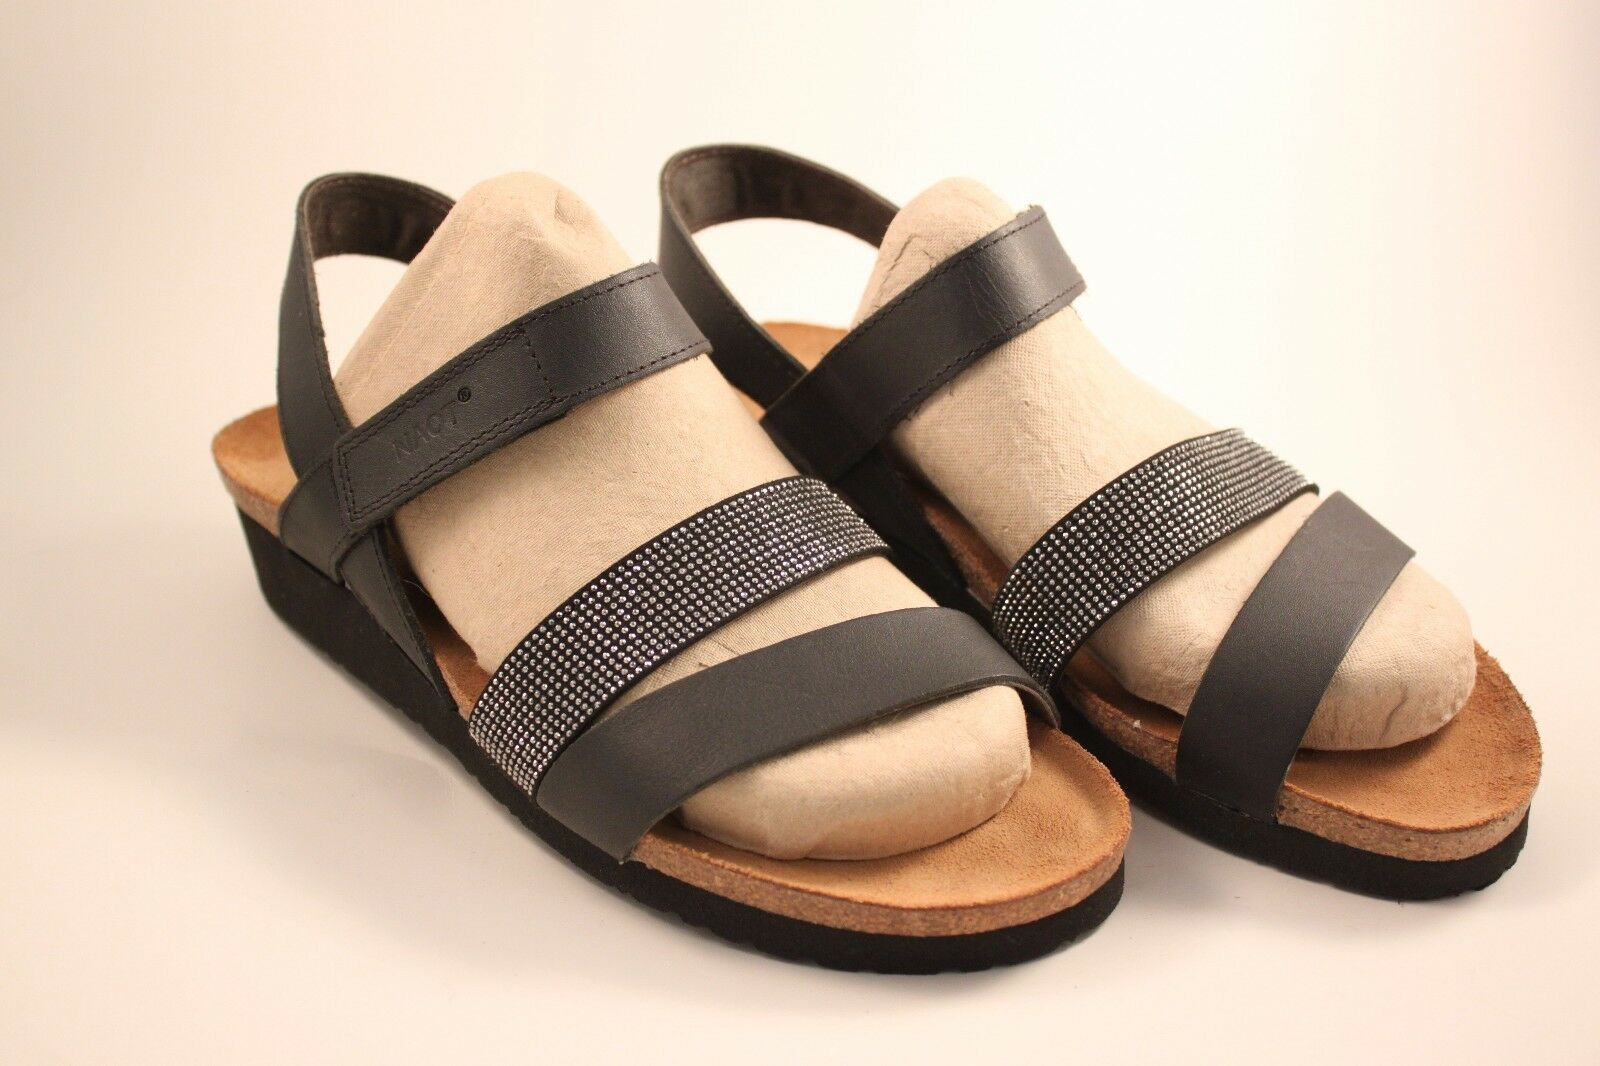 Naot Zapato Sandalia para mujeres de de de Krista Negro-talla EU 42; tamaño nos 11-11.5  70% de descuento